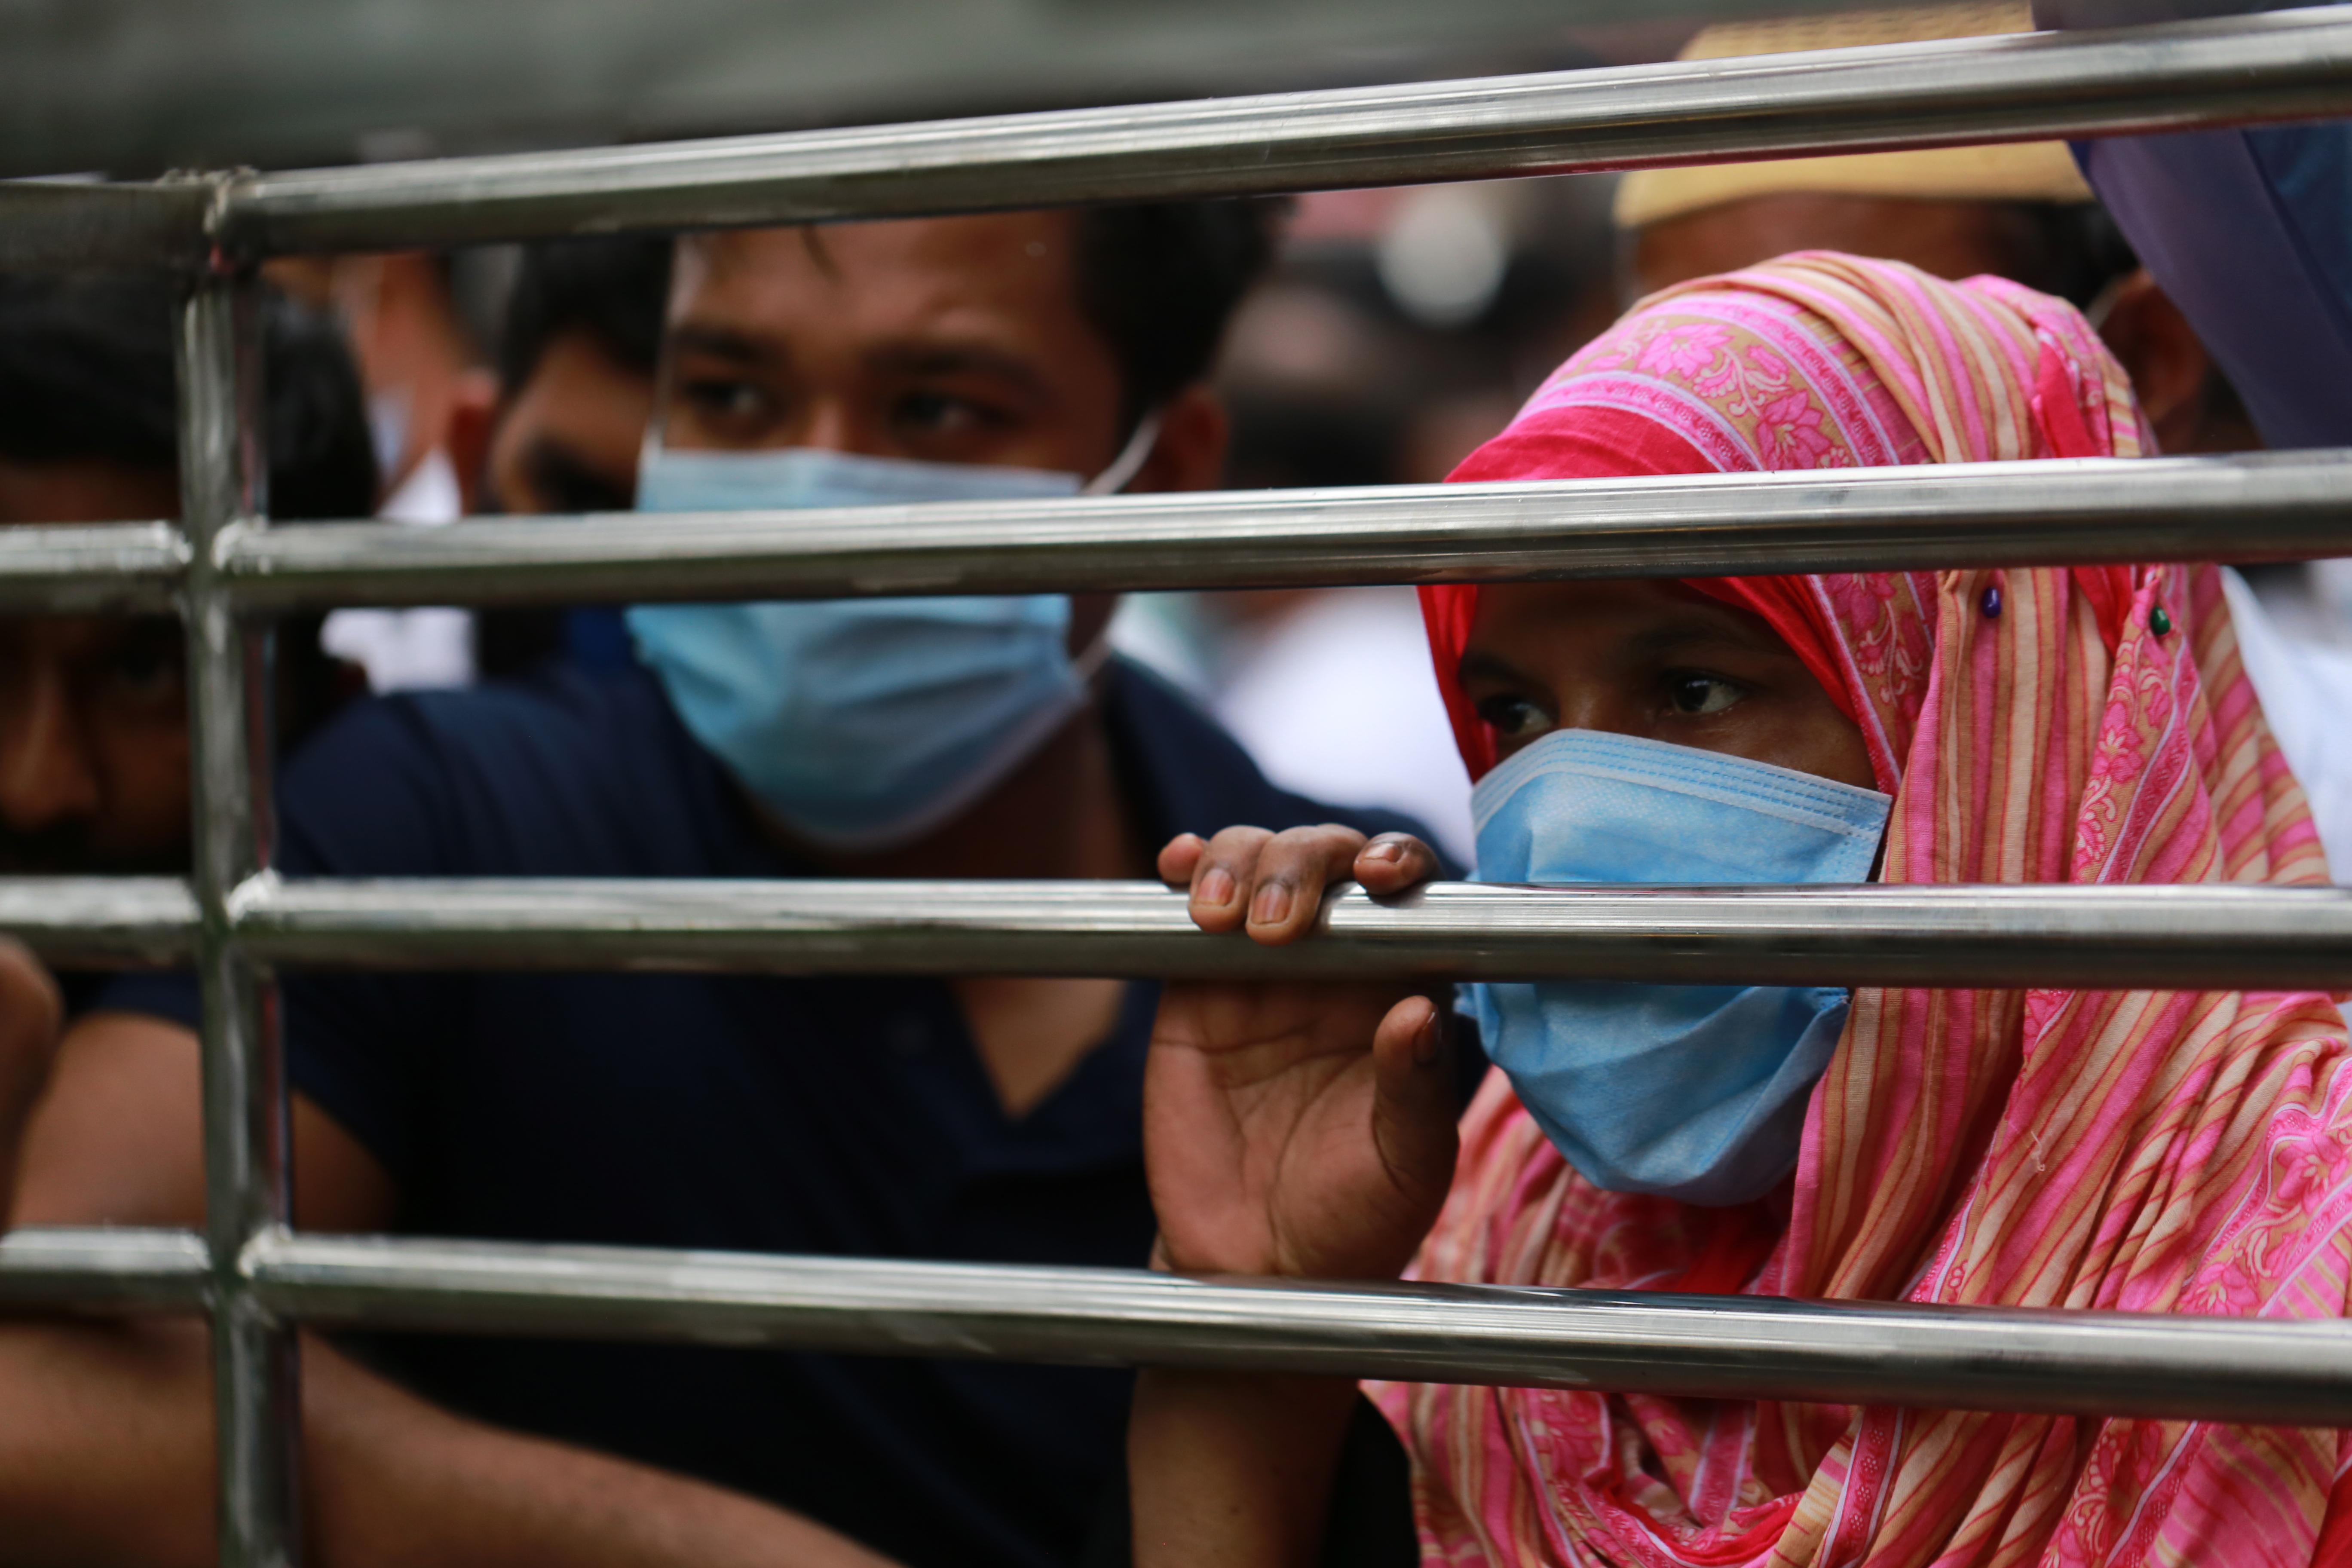 Halálra ítélték a szaúdi nőt, aki agyonverte bangladesi szobalányát